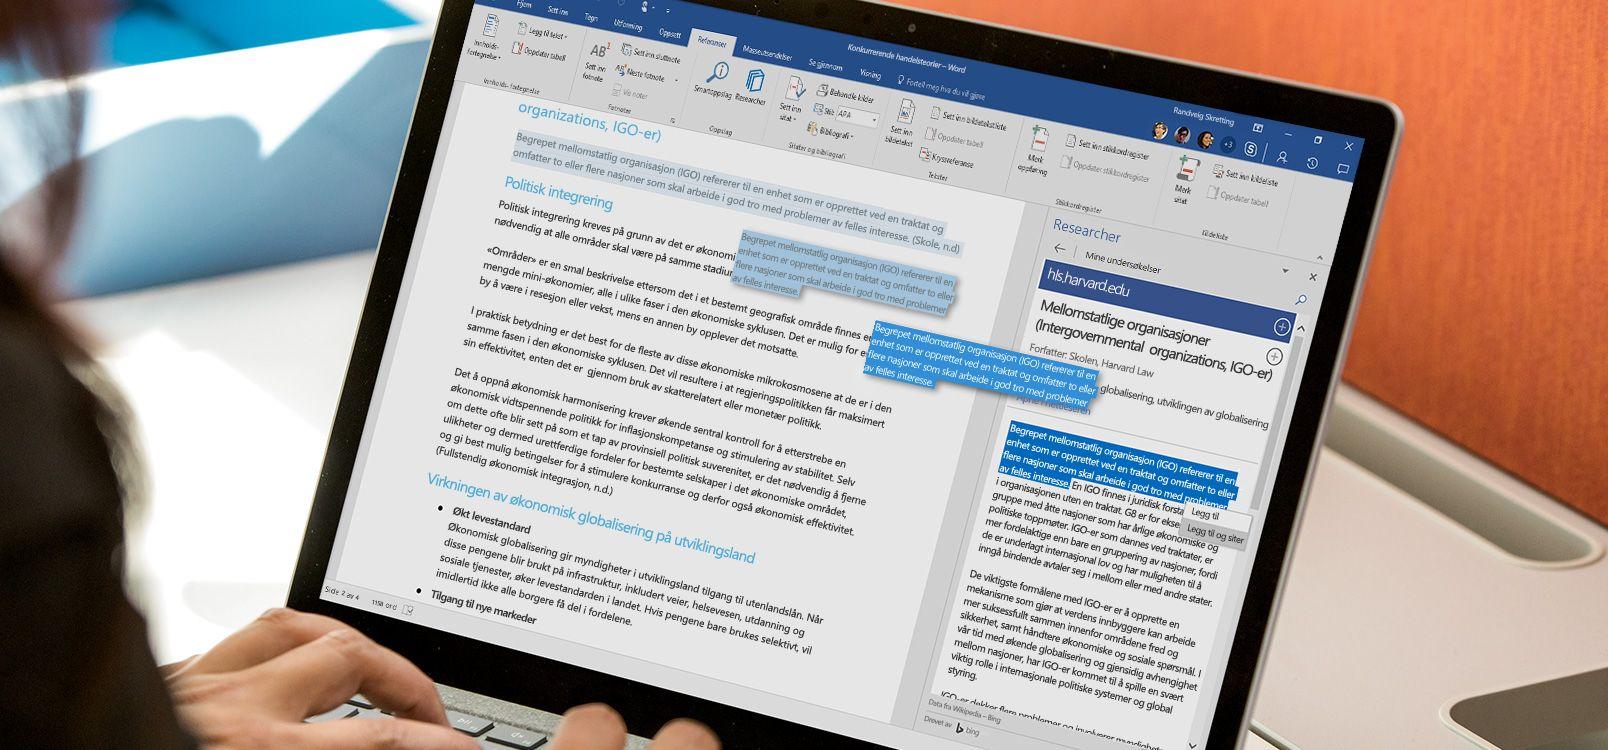 En bærbar datamaskinskjerm som viser hvordan Researcher-funksjonen brukes i et Word-dokument